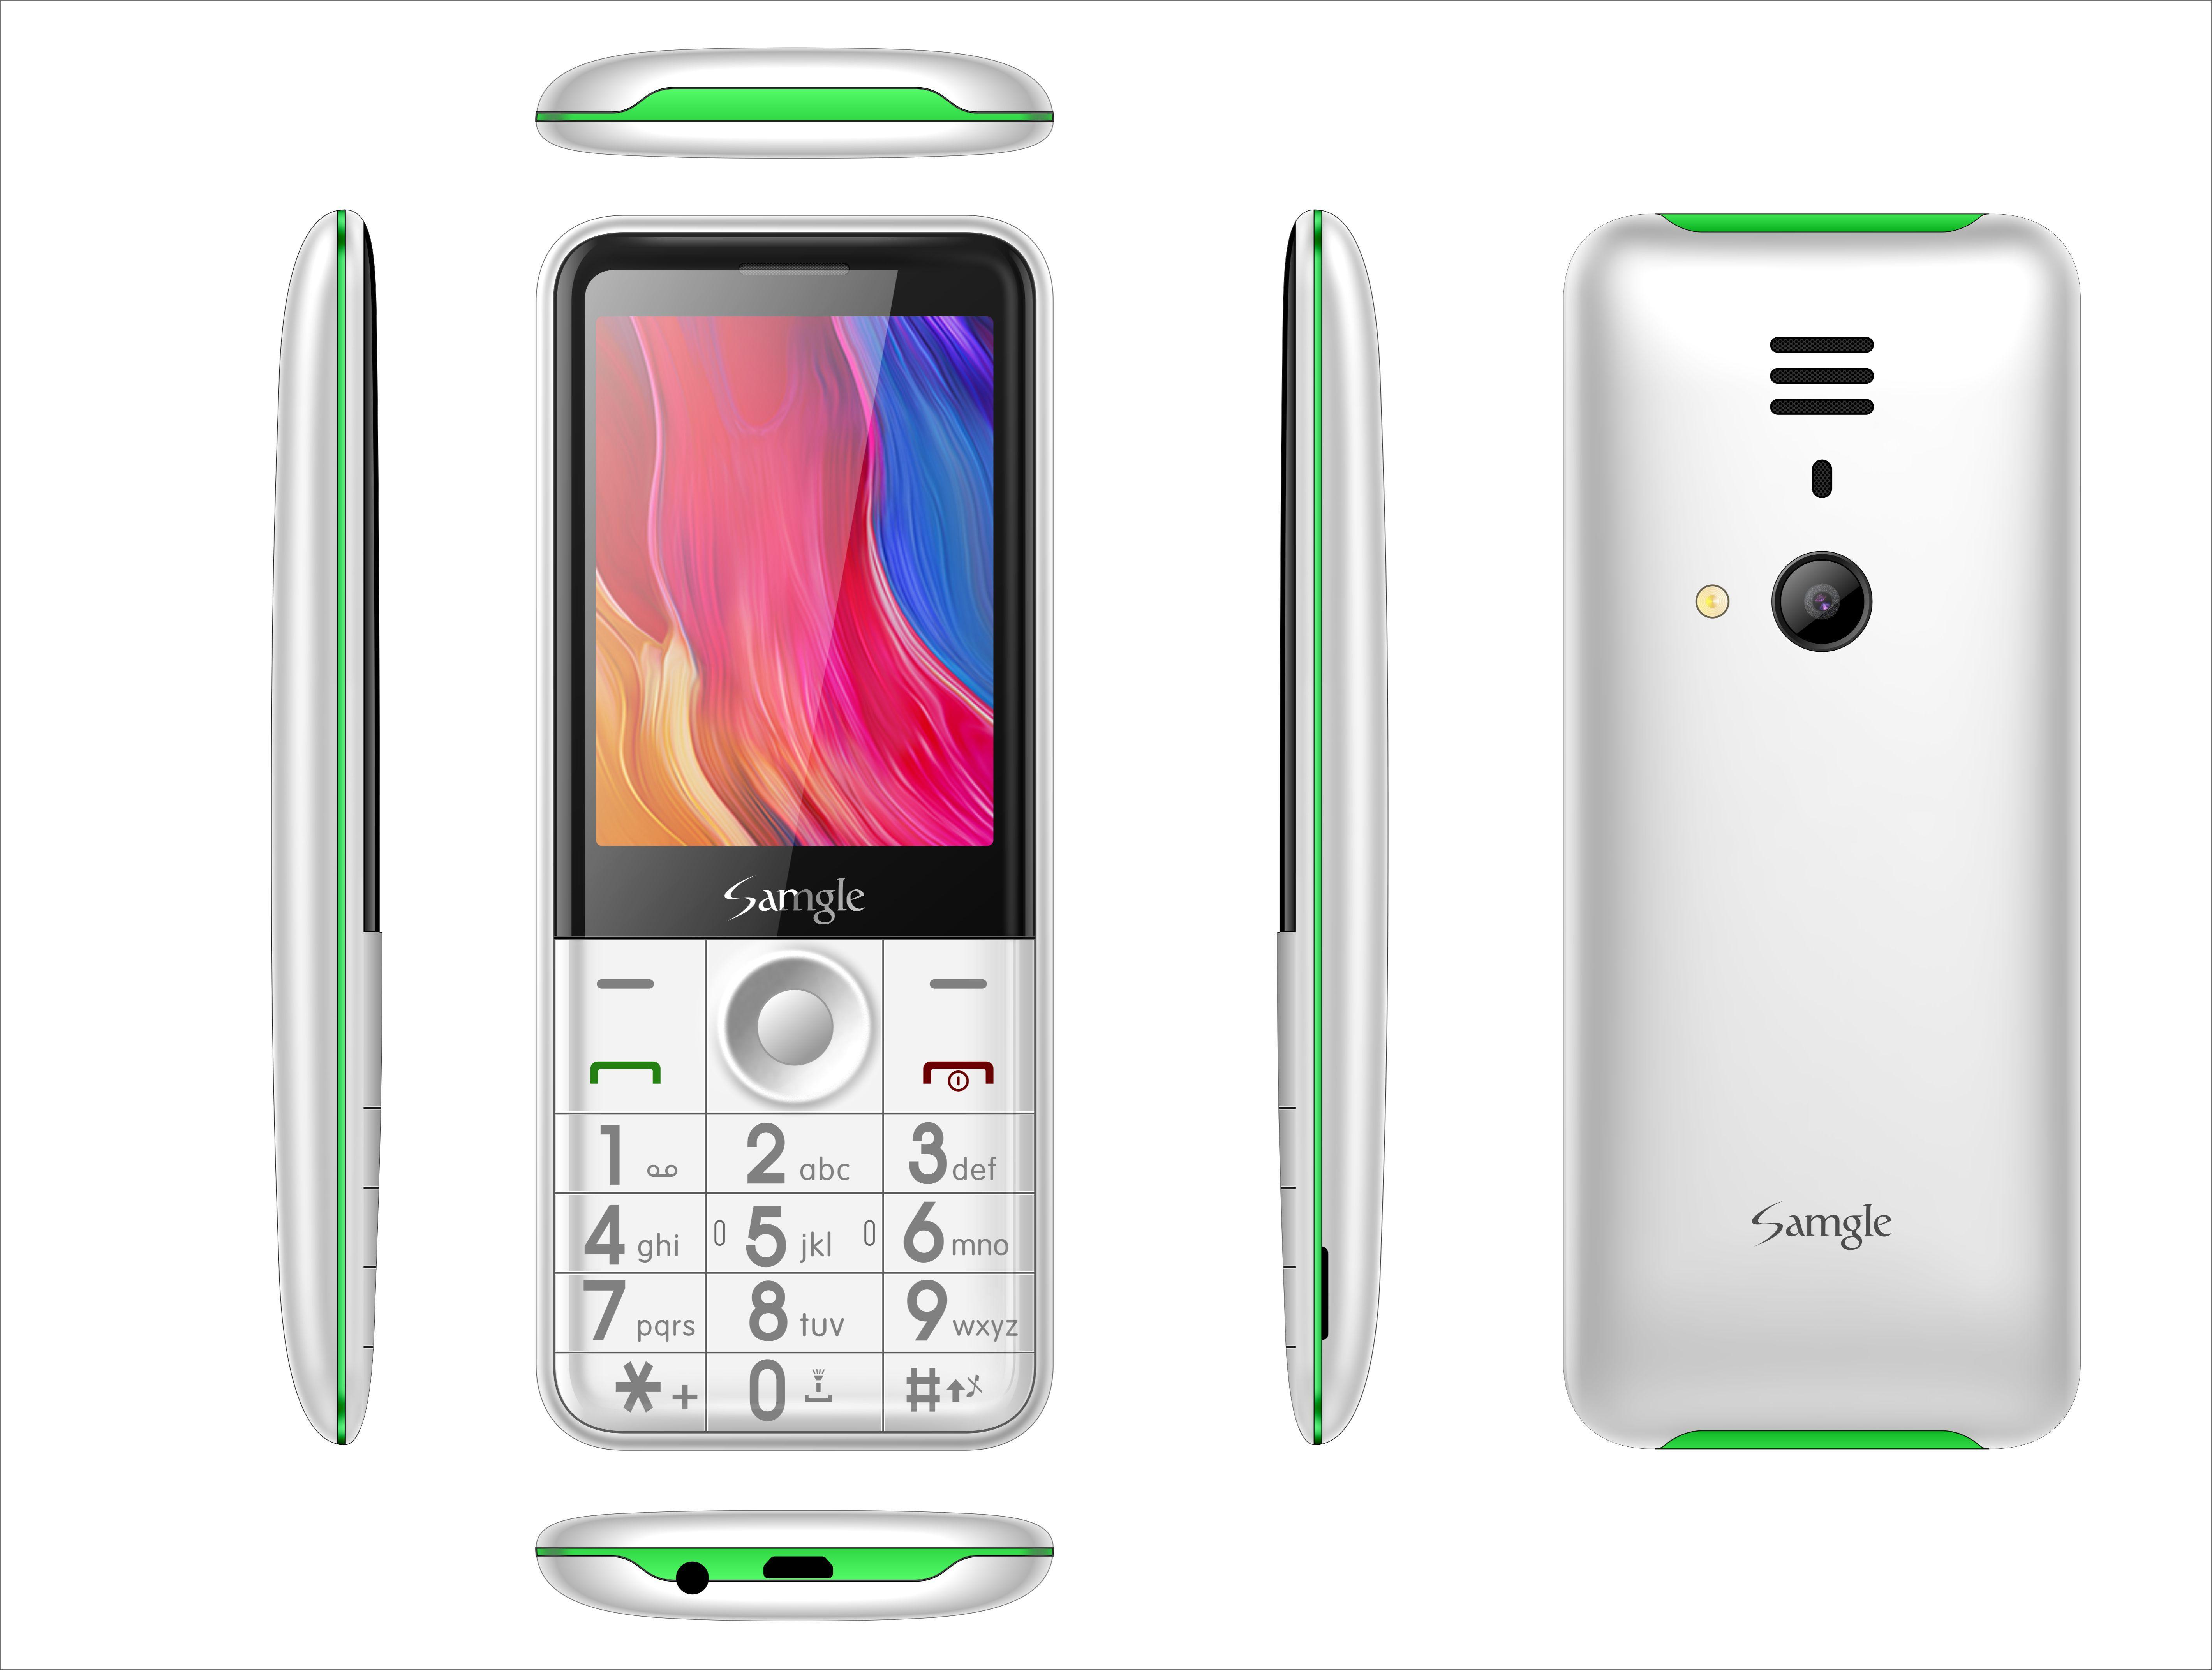 Telefon mobil Samgle Flash 3G, Ecran 2.8 inch, Bluetooth, Digi 3G, Camera, Slot Card, Radio FM, Internet, DualSim3